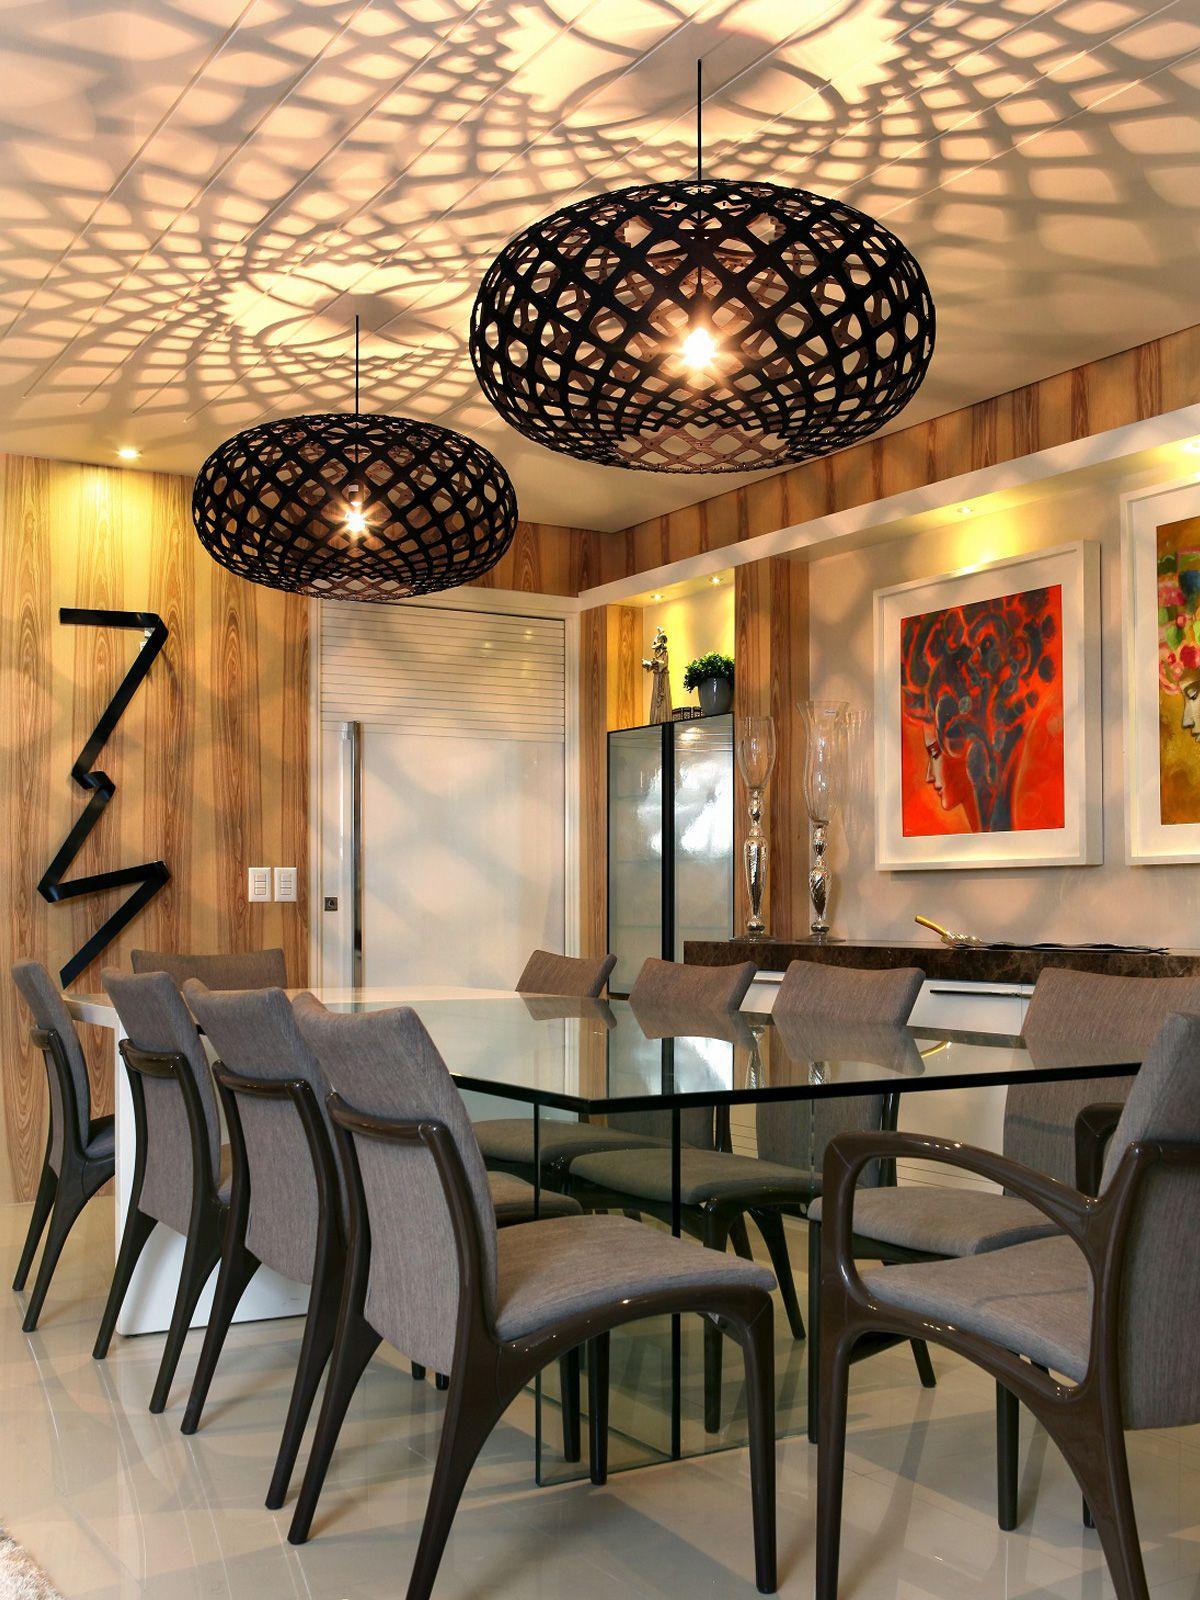 kina 44 lamps deckenlampen design lampen und lampen und leuchten. Black Bedroom Furniture Sets. Home Design Ideas